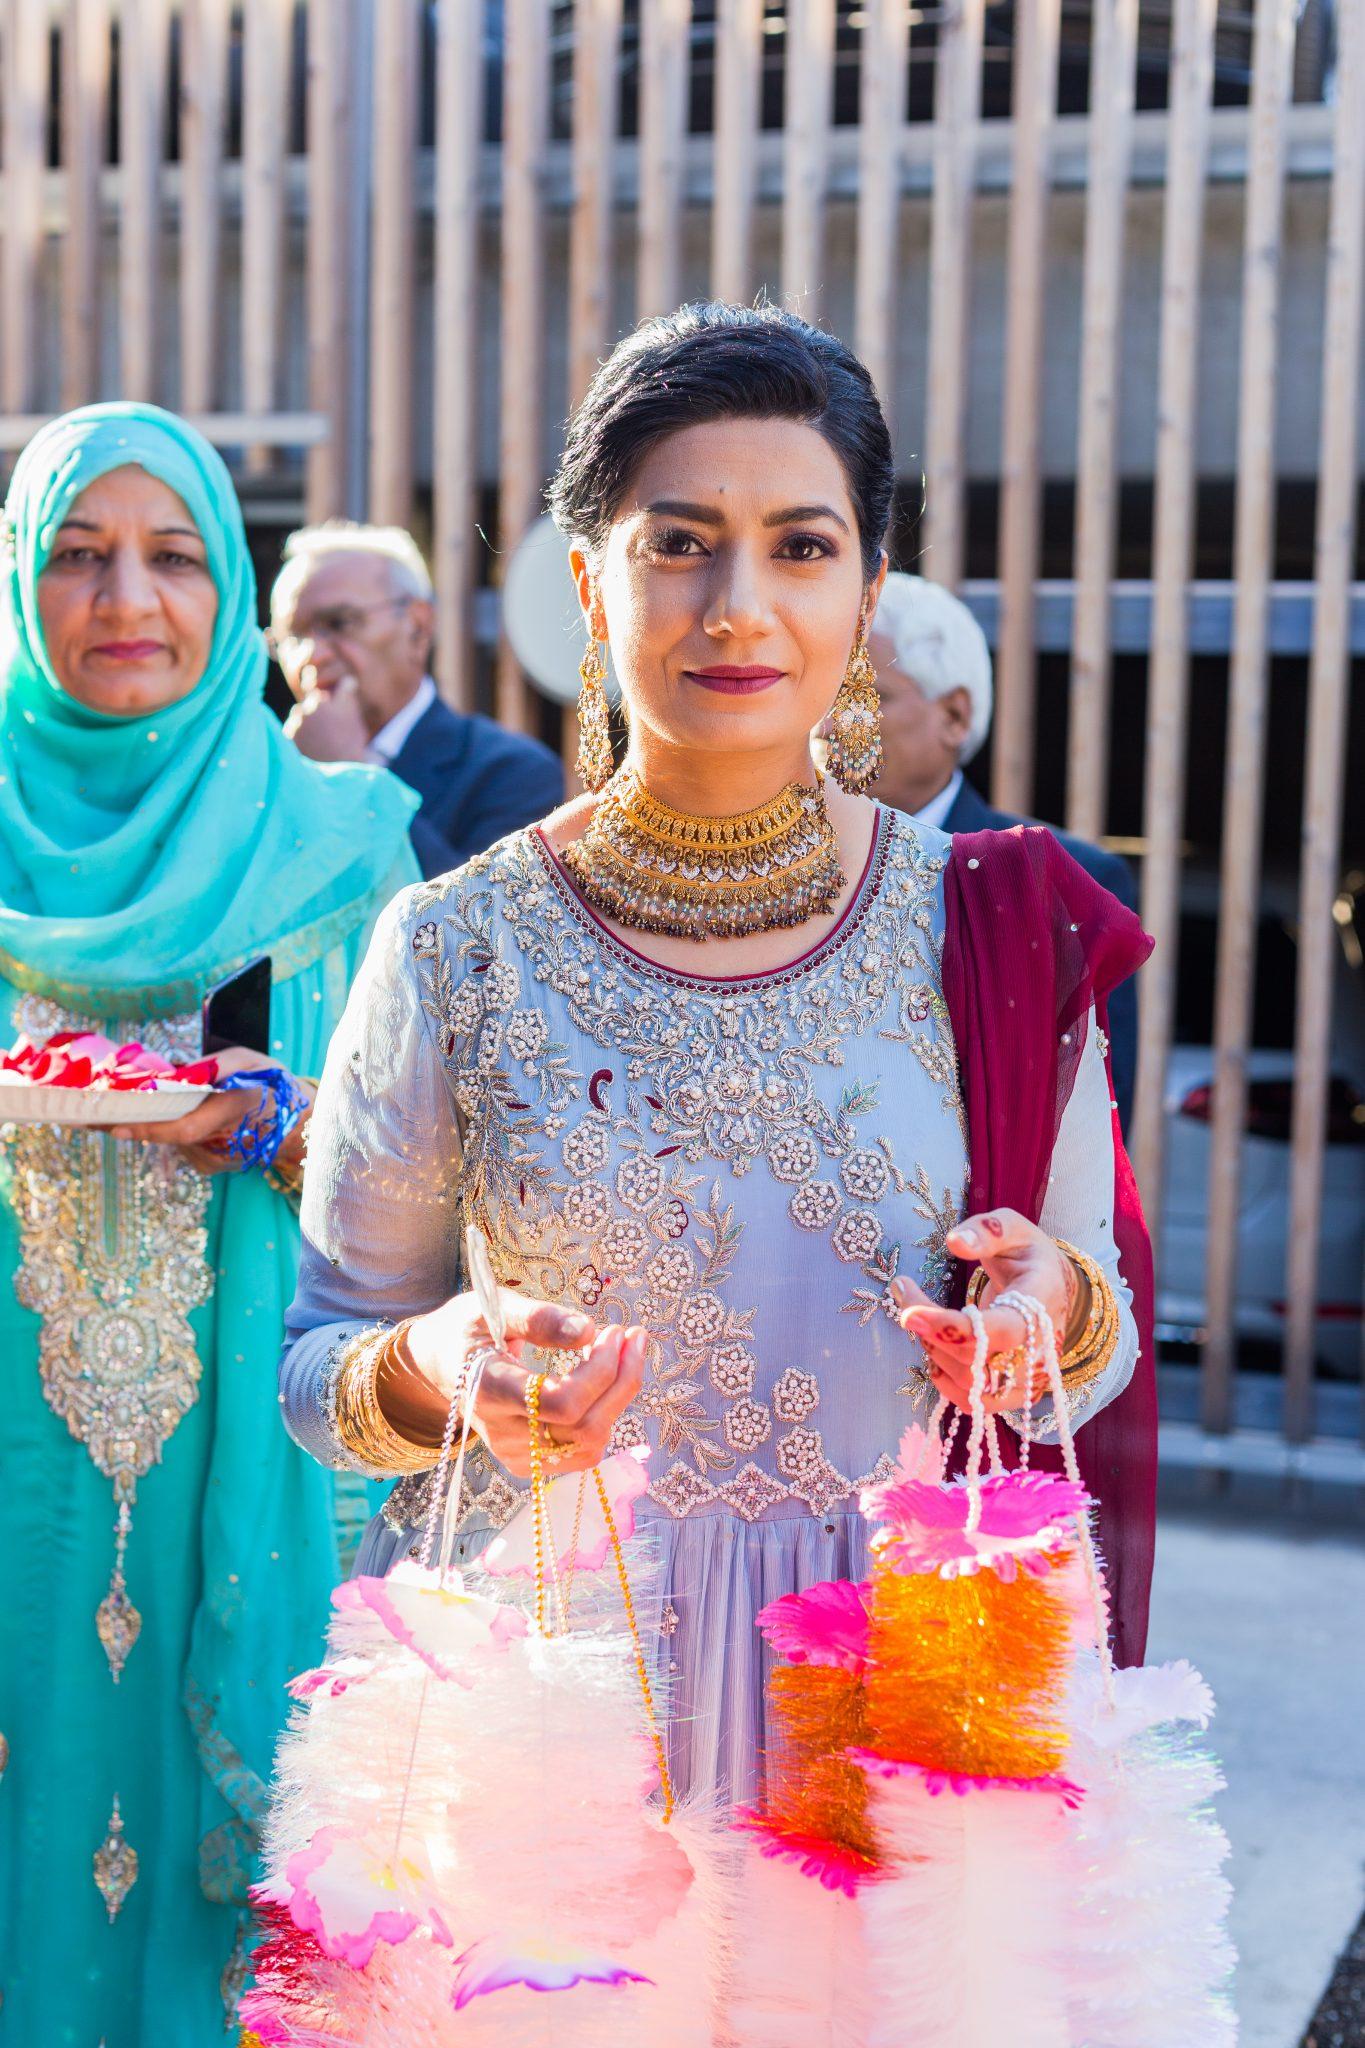 Brudens familie skal ønske brudgommen velkommen - pakistansk bryllup